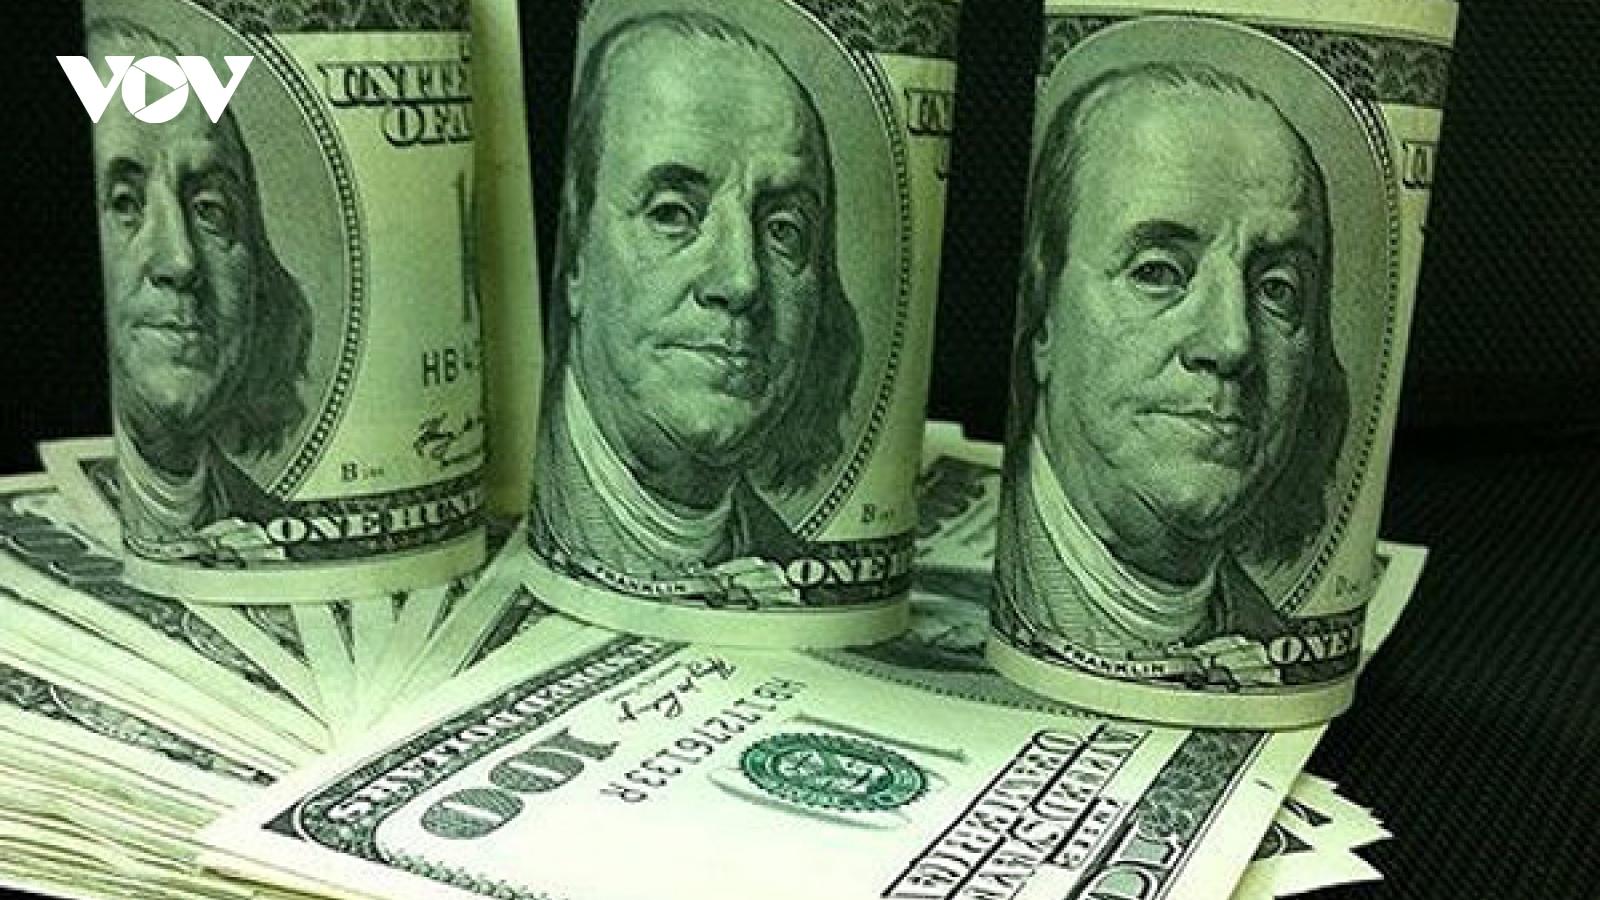 Tỷ giá trung tâm tăng nhẹ, giá USD ít biến động